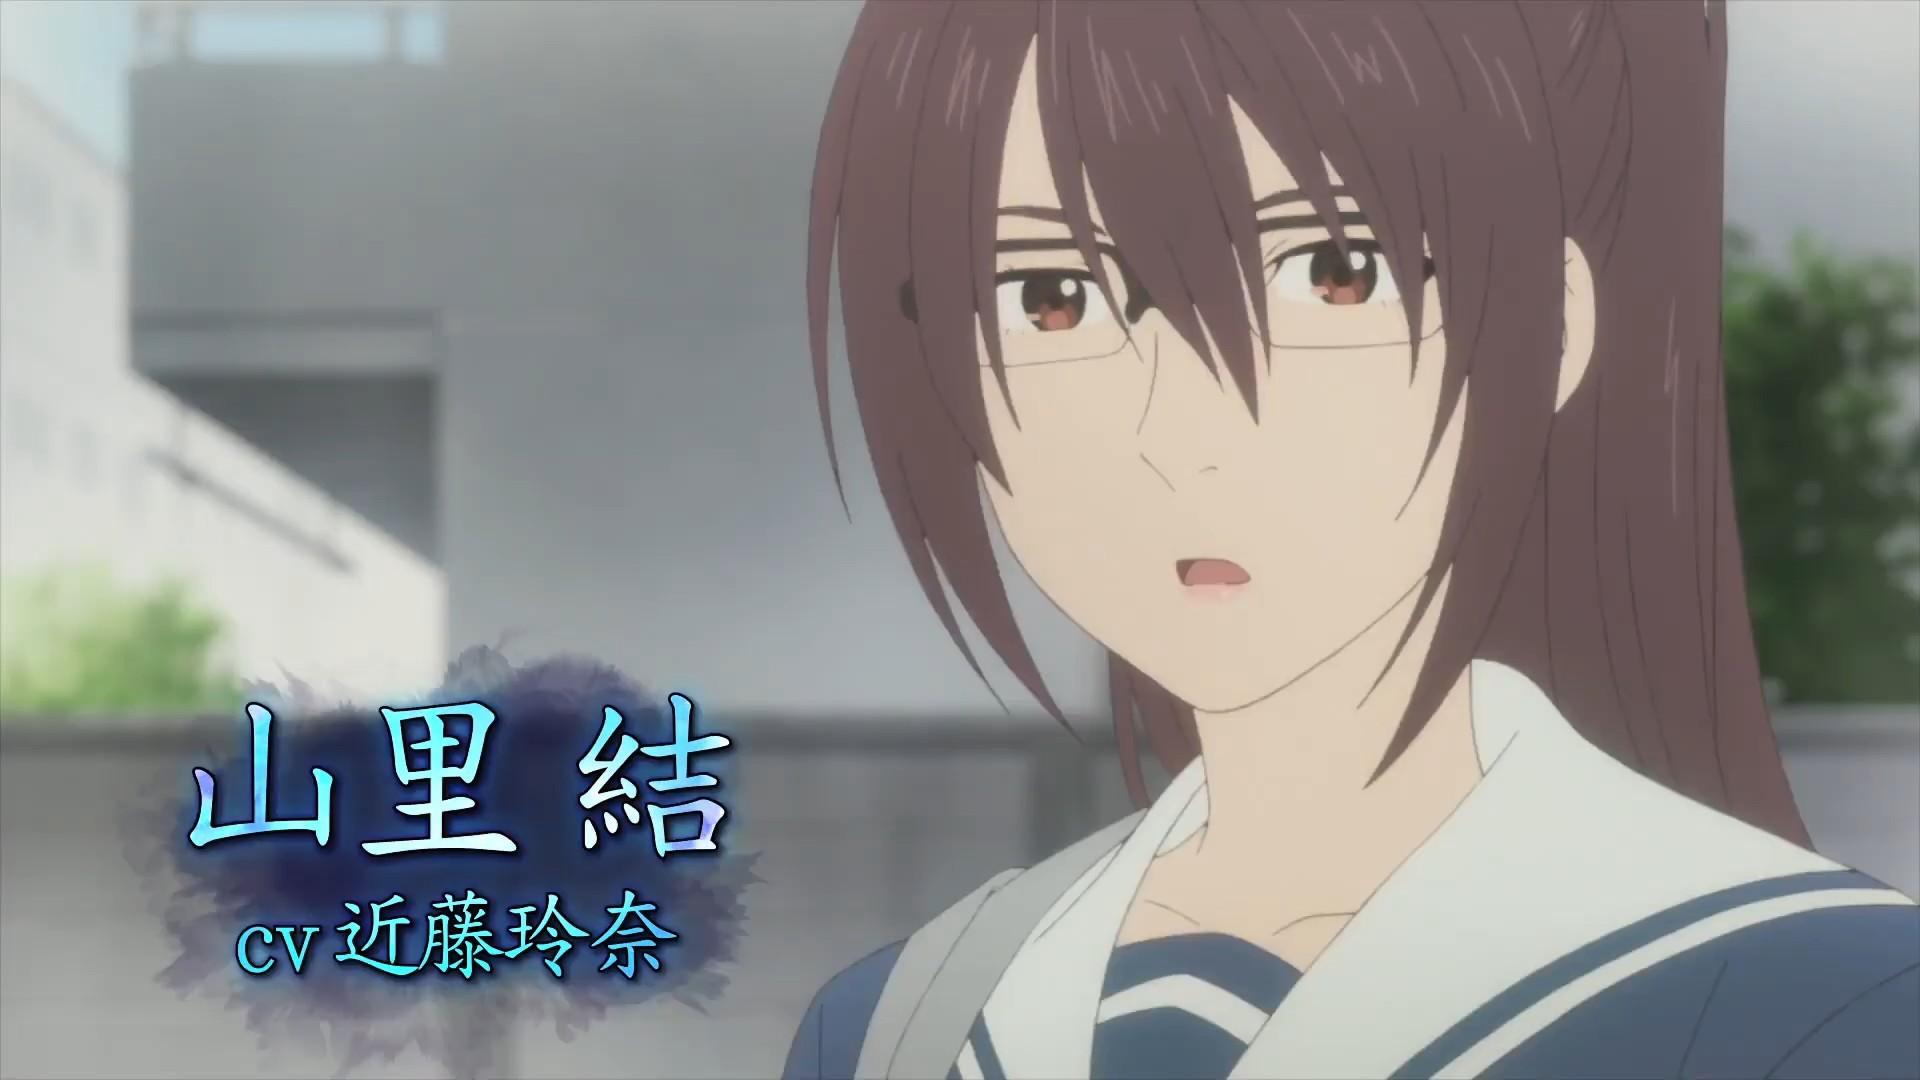 【情报】TV动画《纯白之音》第2弹PV公开,4月2日开播